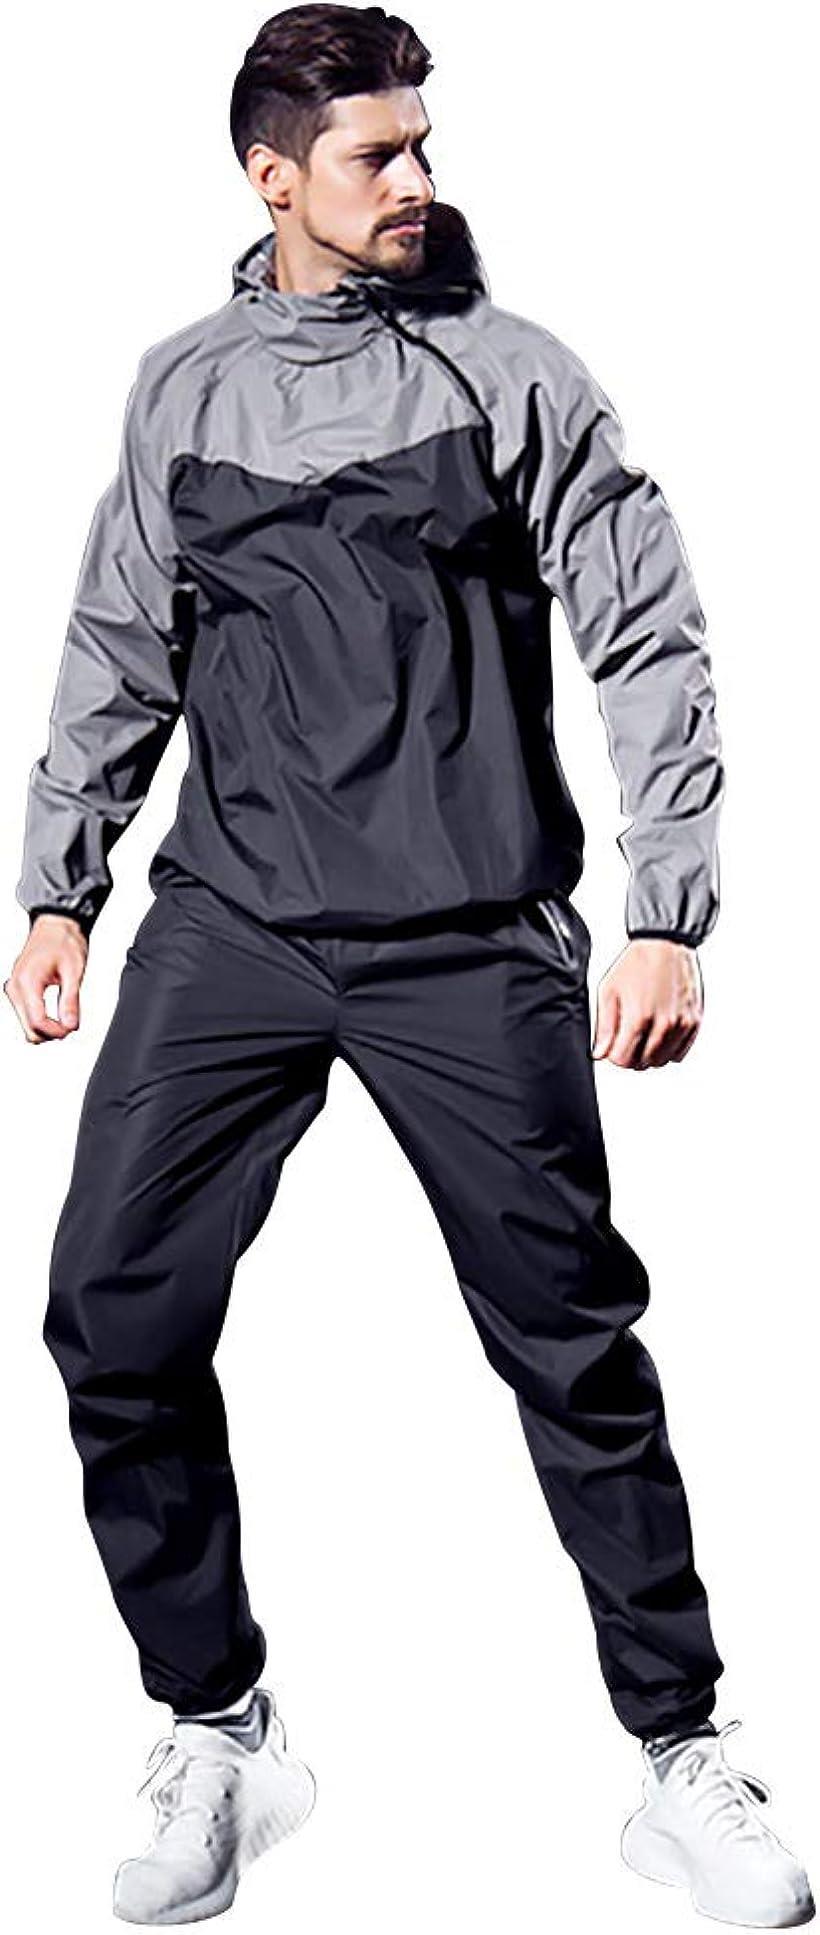 サウナスーツ トレーニング ウェア 5倍発汗 ダイエット 防風 素材 上下セット L(グレーxブラック, Large)